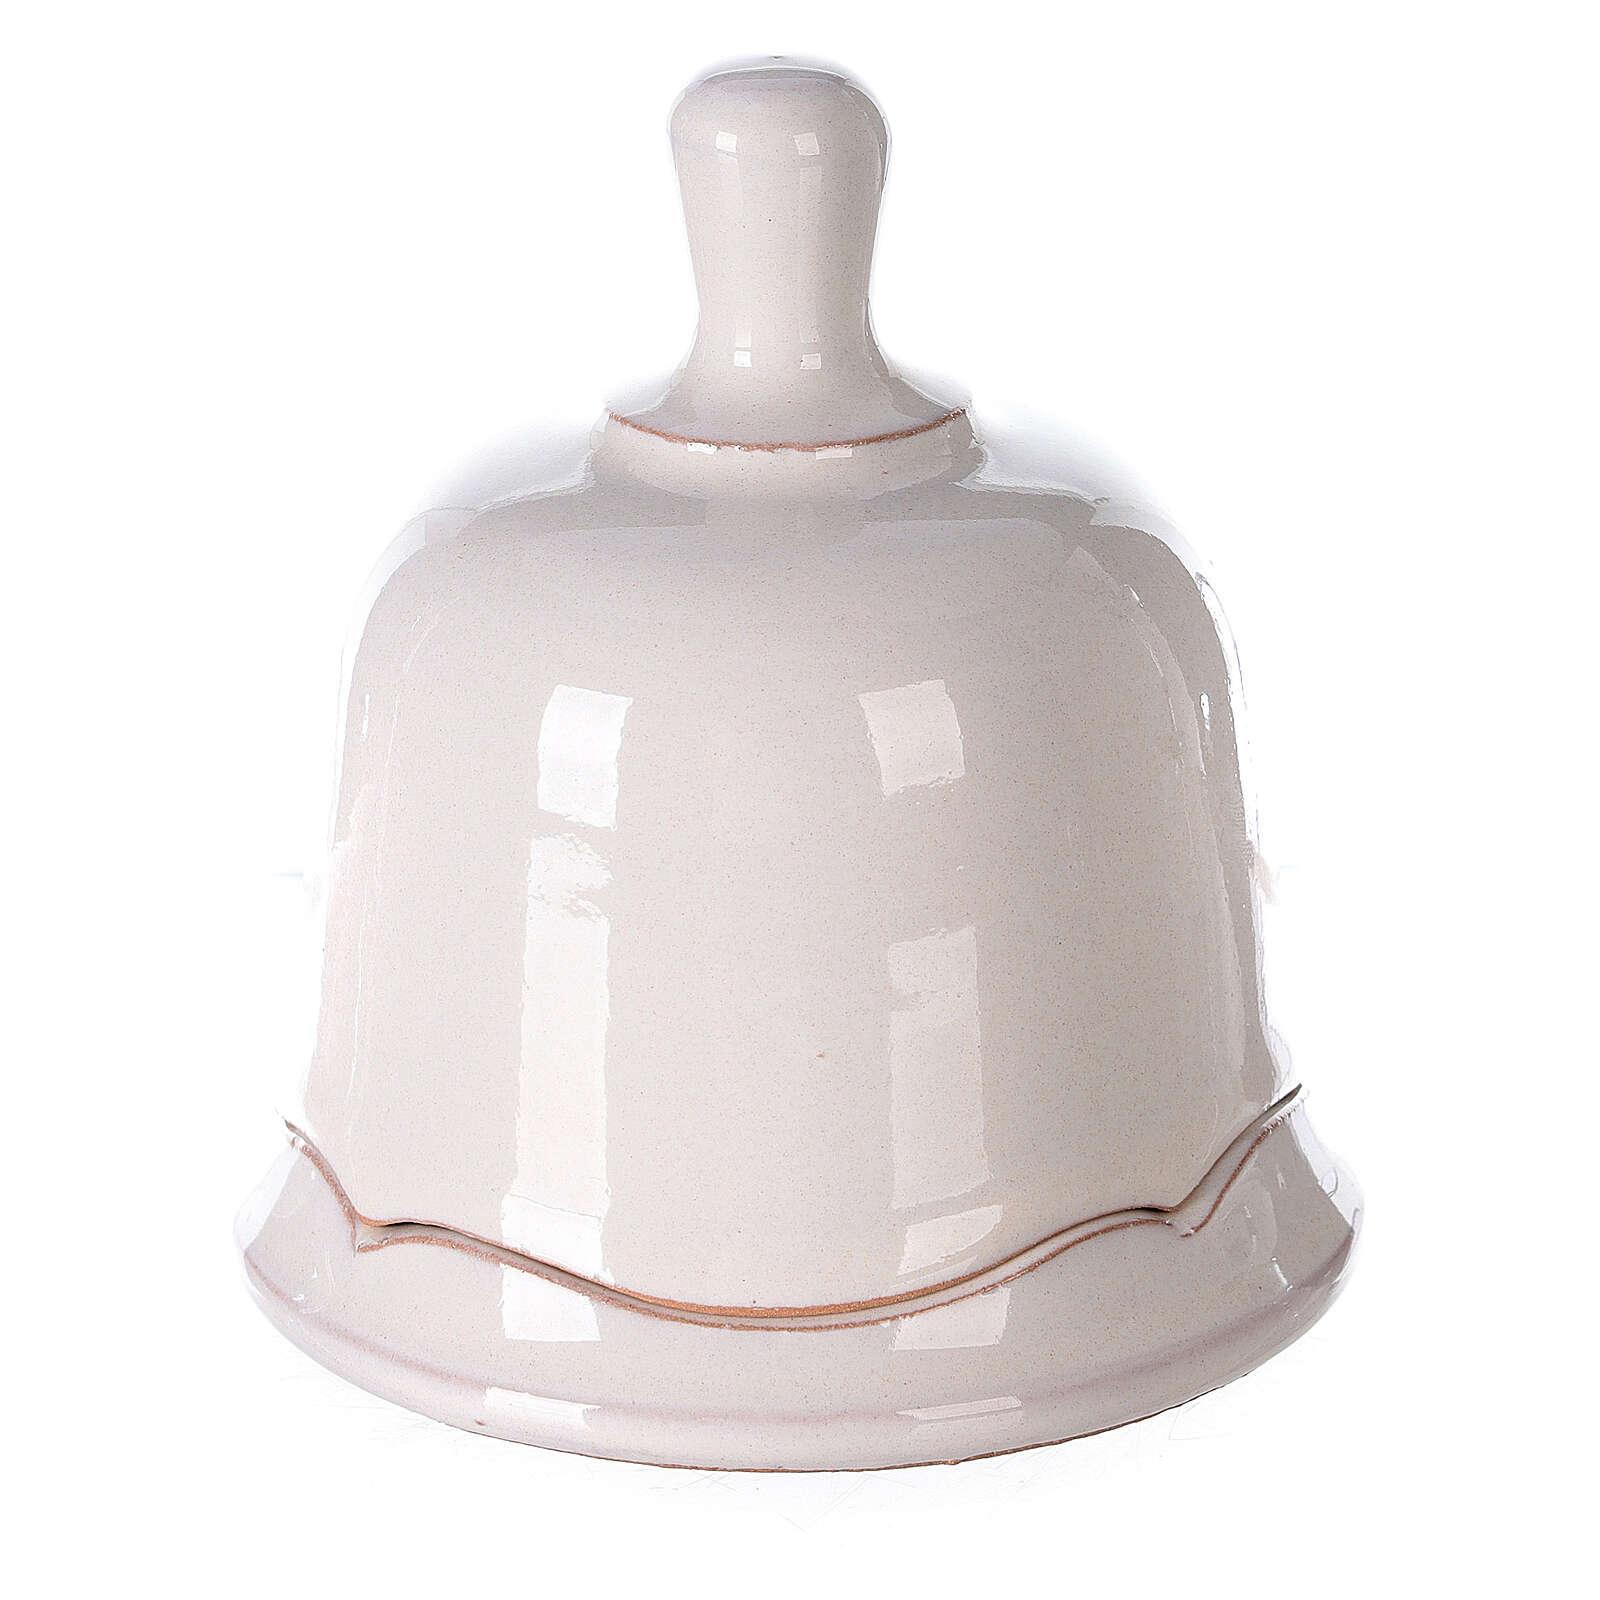 Natività terracotta naturale campanella bianca apribile Deruta 10 cm 4